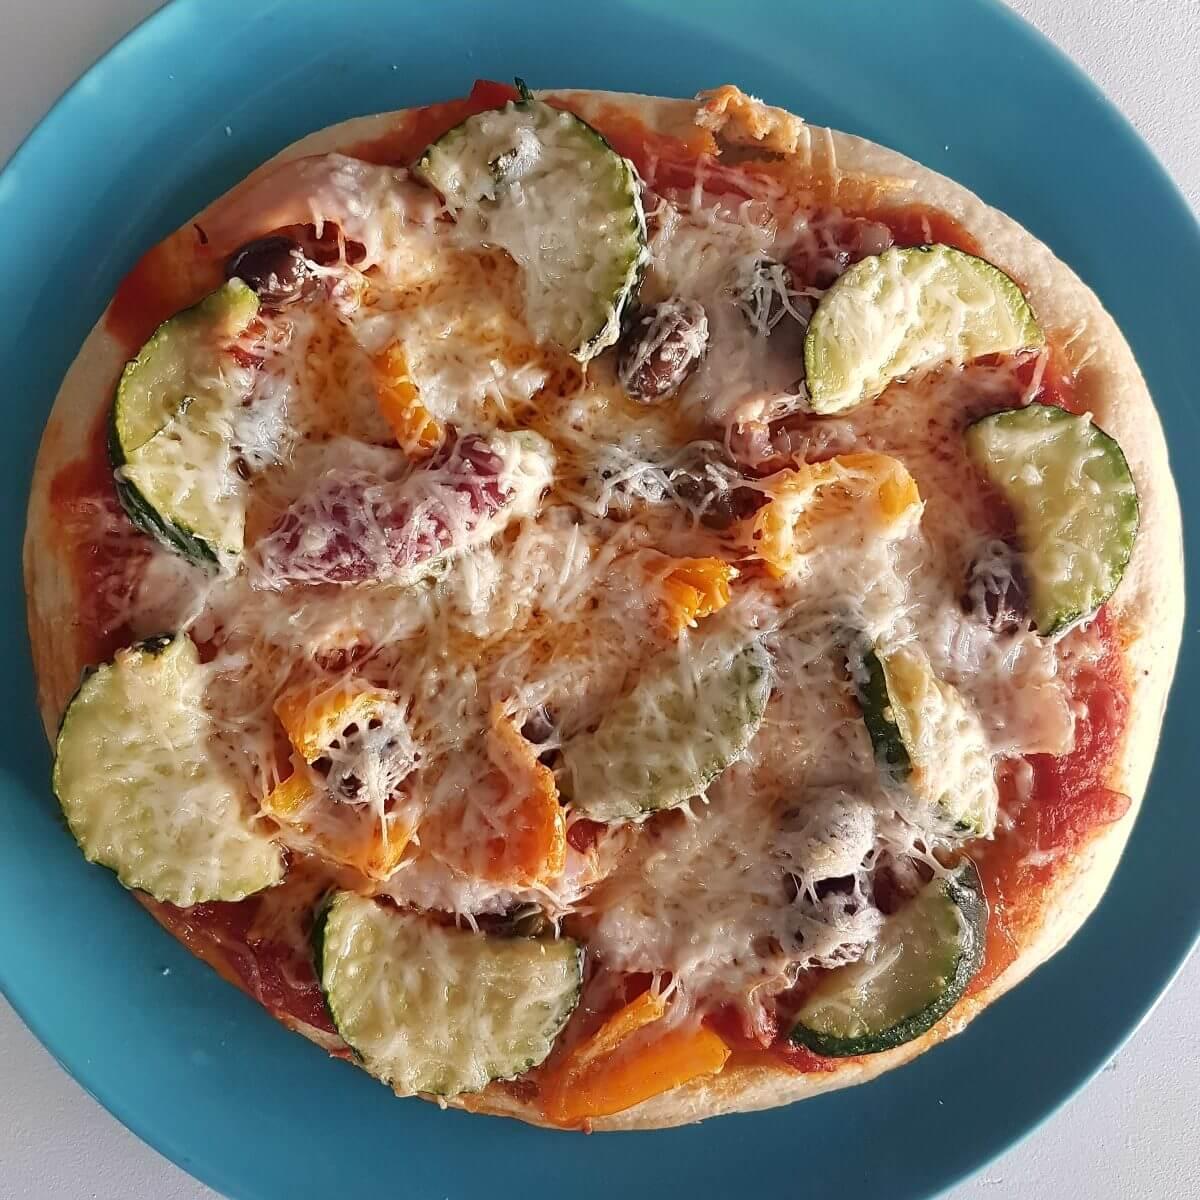 Recepten voor gezondere pizza - Magioni pizza